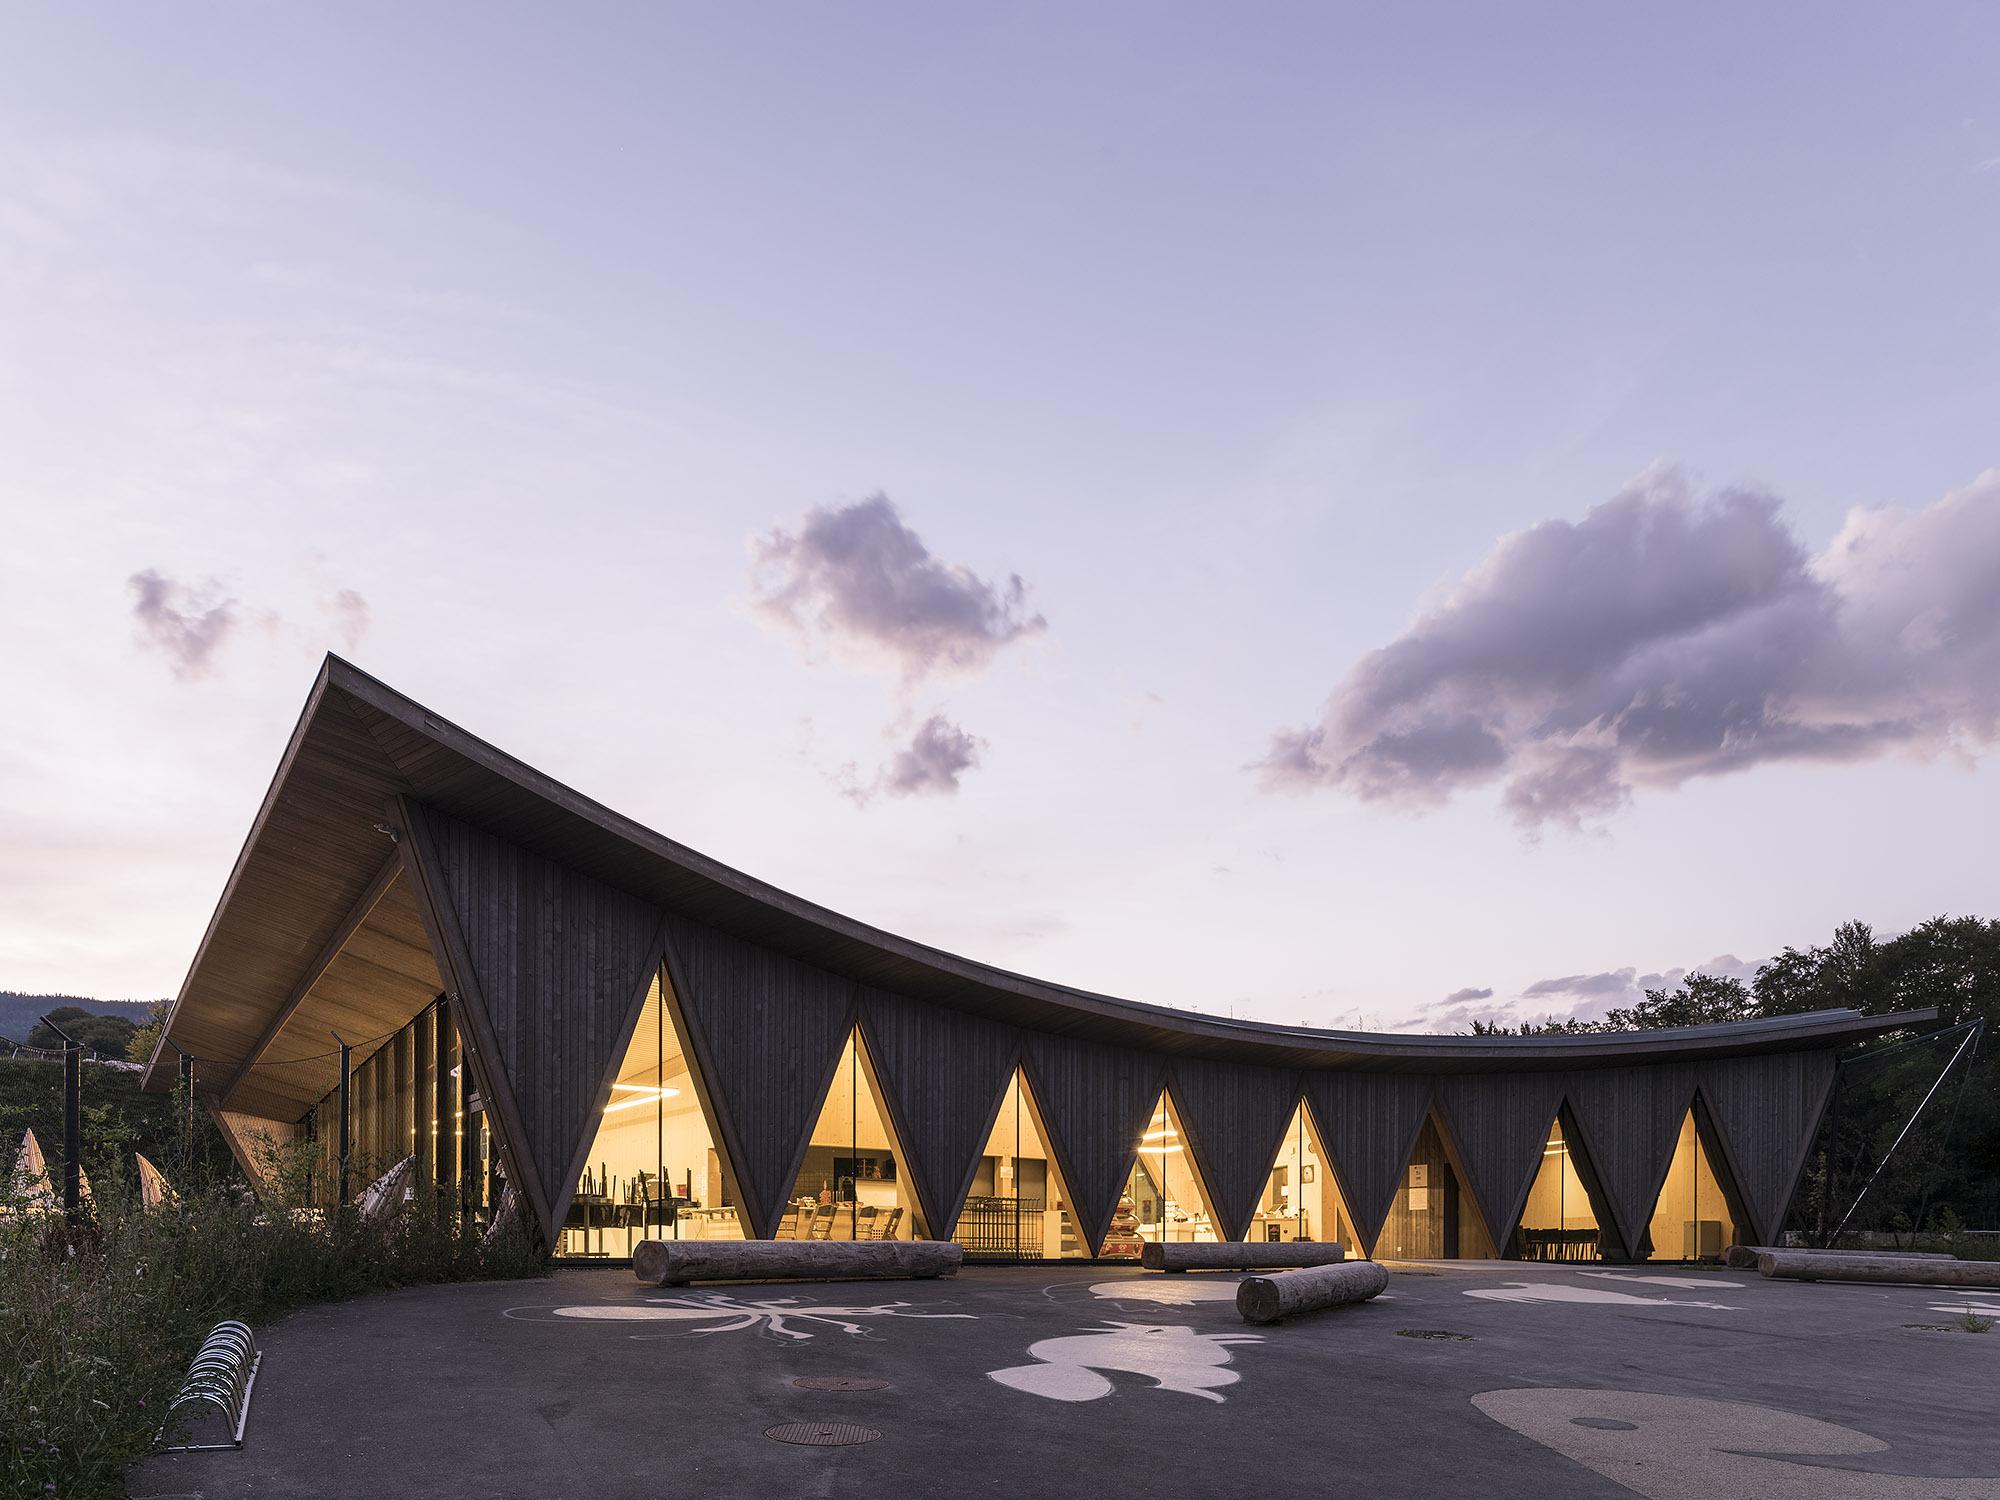 Public Pavilion Of New Zoological Park La Garenne